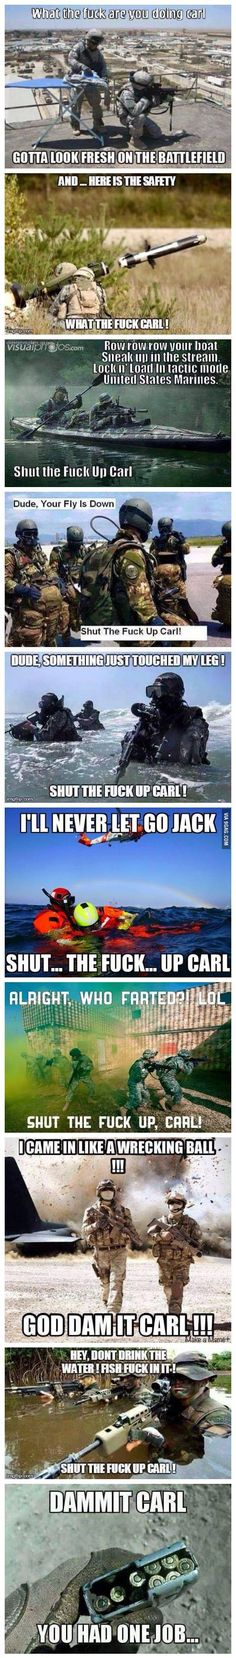 Dammit Carl - 9GAG: